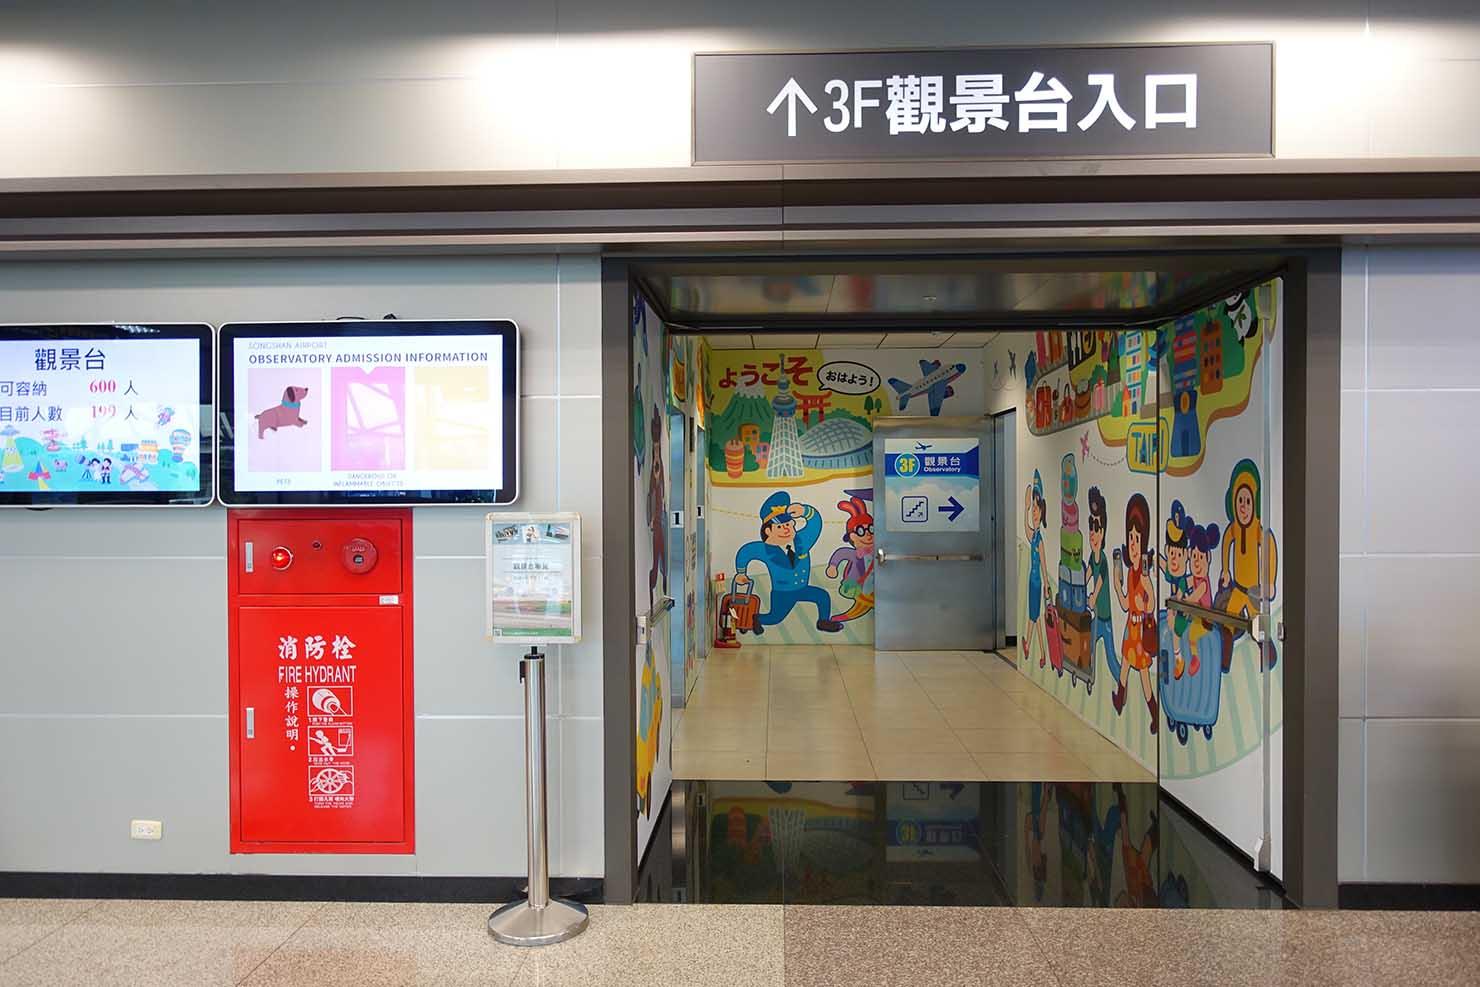 台北・松山空港3F展望デッキへの入り口